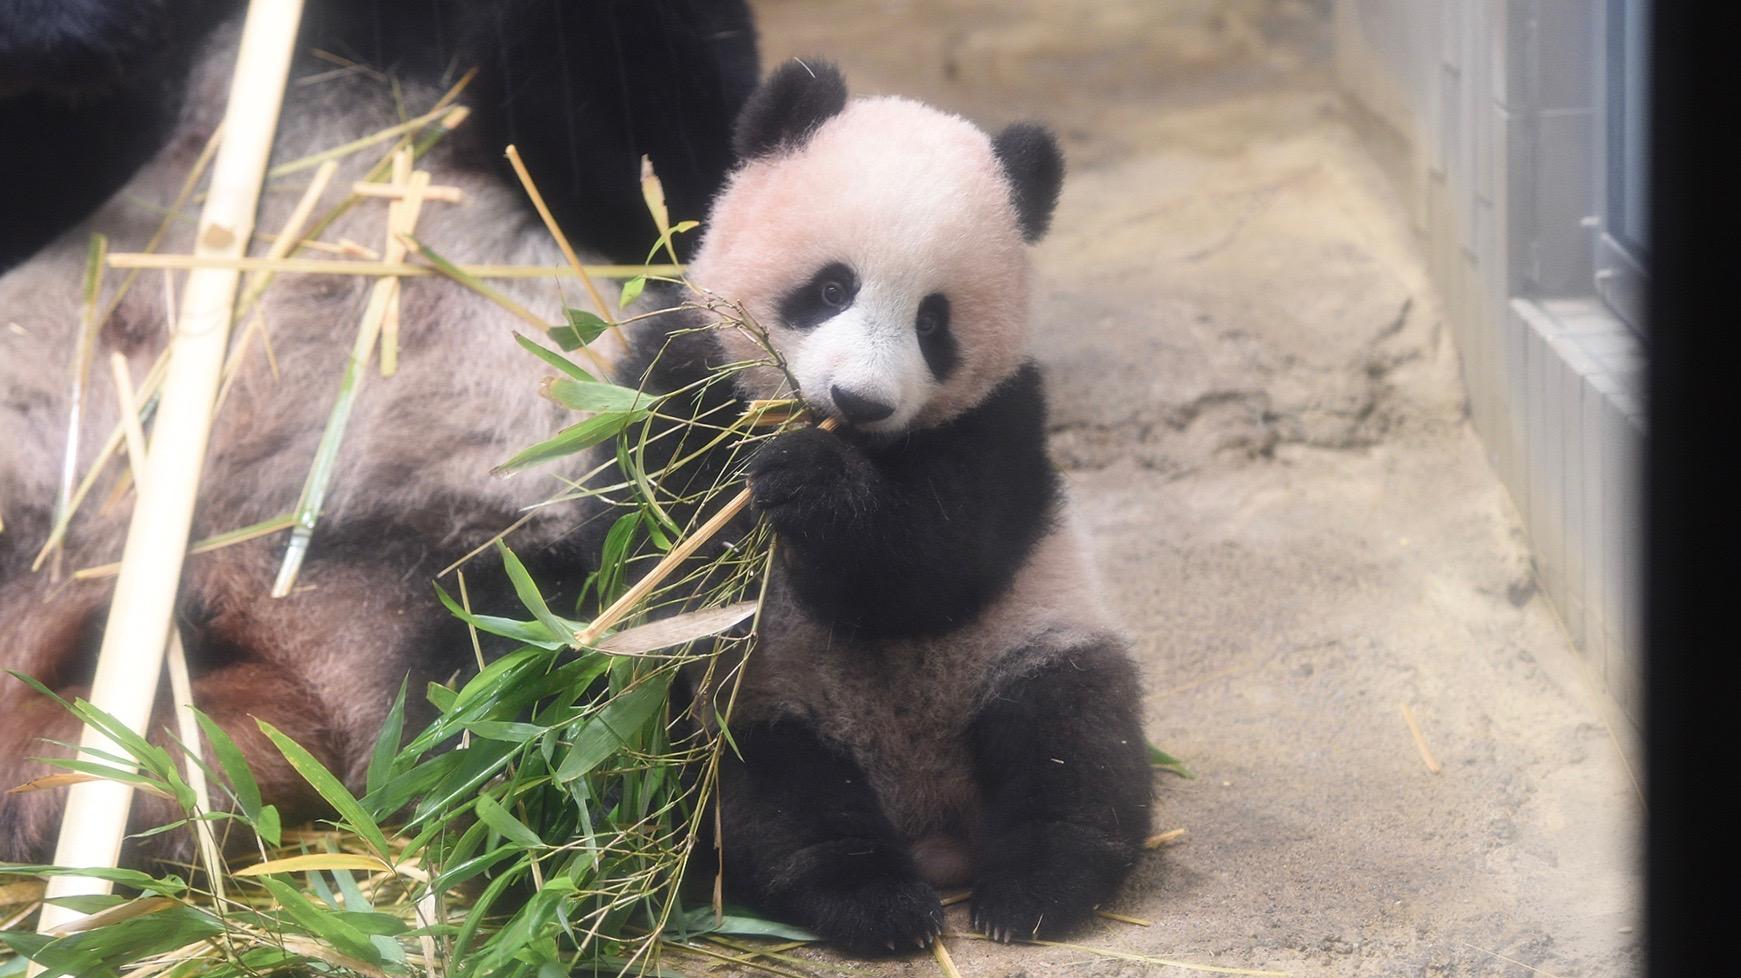 パンダのシャンシャンに続け! 動物園の人気者に会いに行こう【Vol.1】